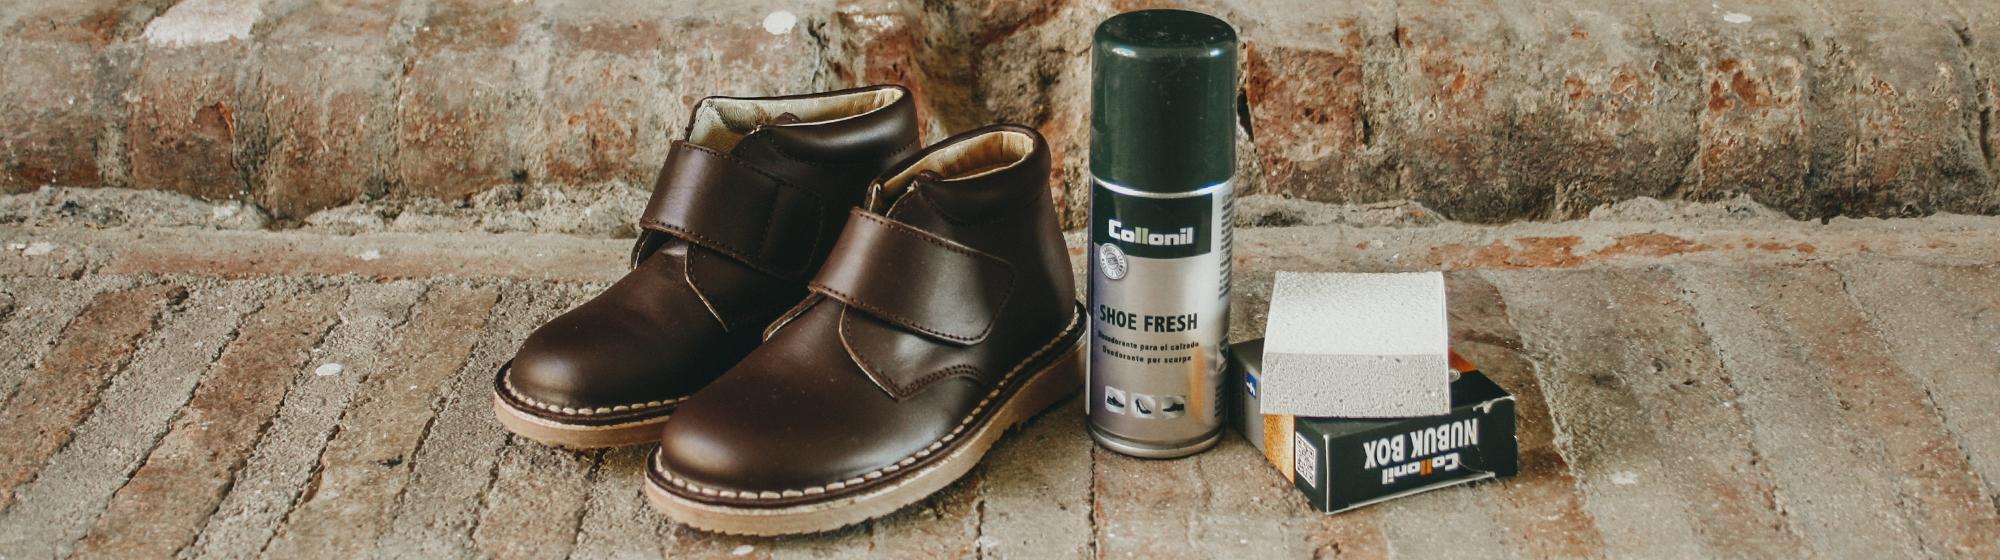 Para limpar sapatos